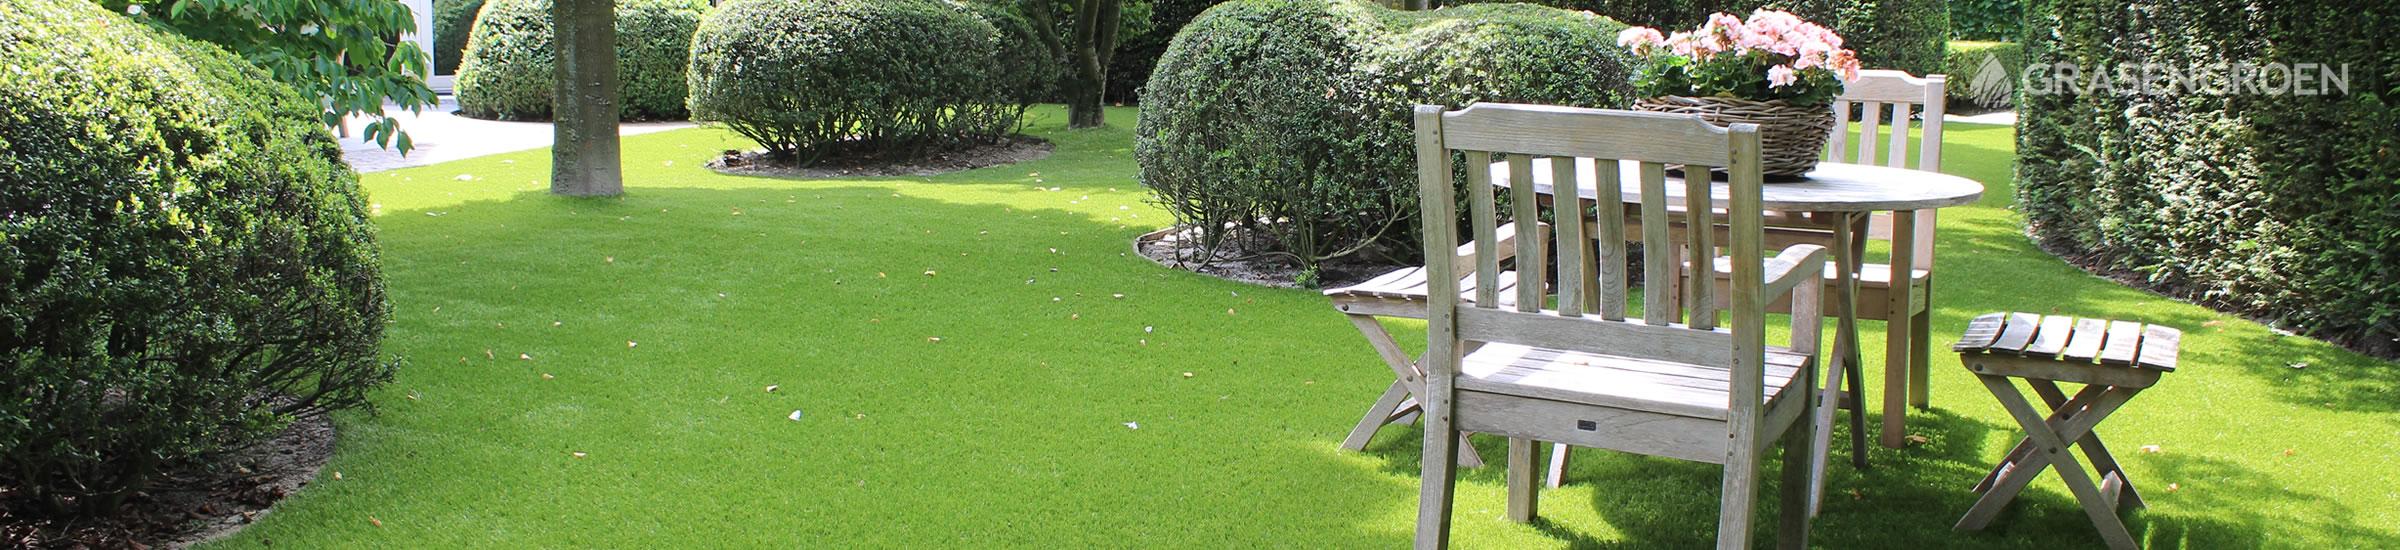 kunstgras tuin • Gras en Groen Kunstgras